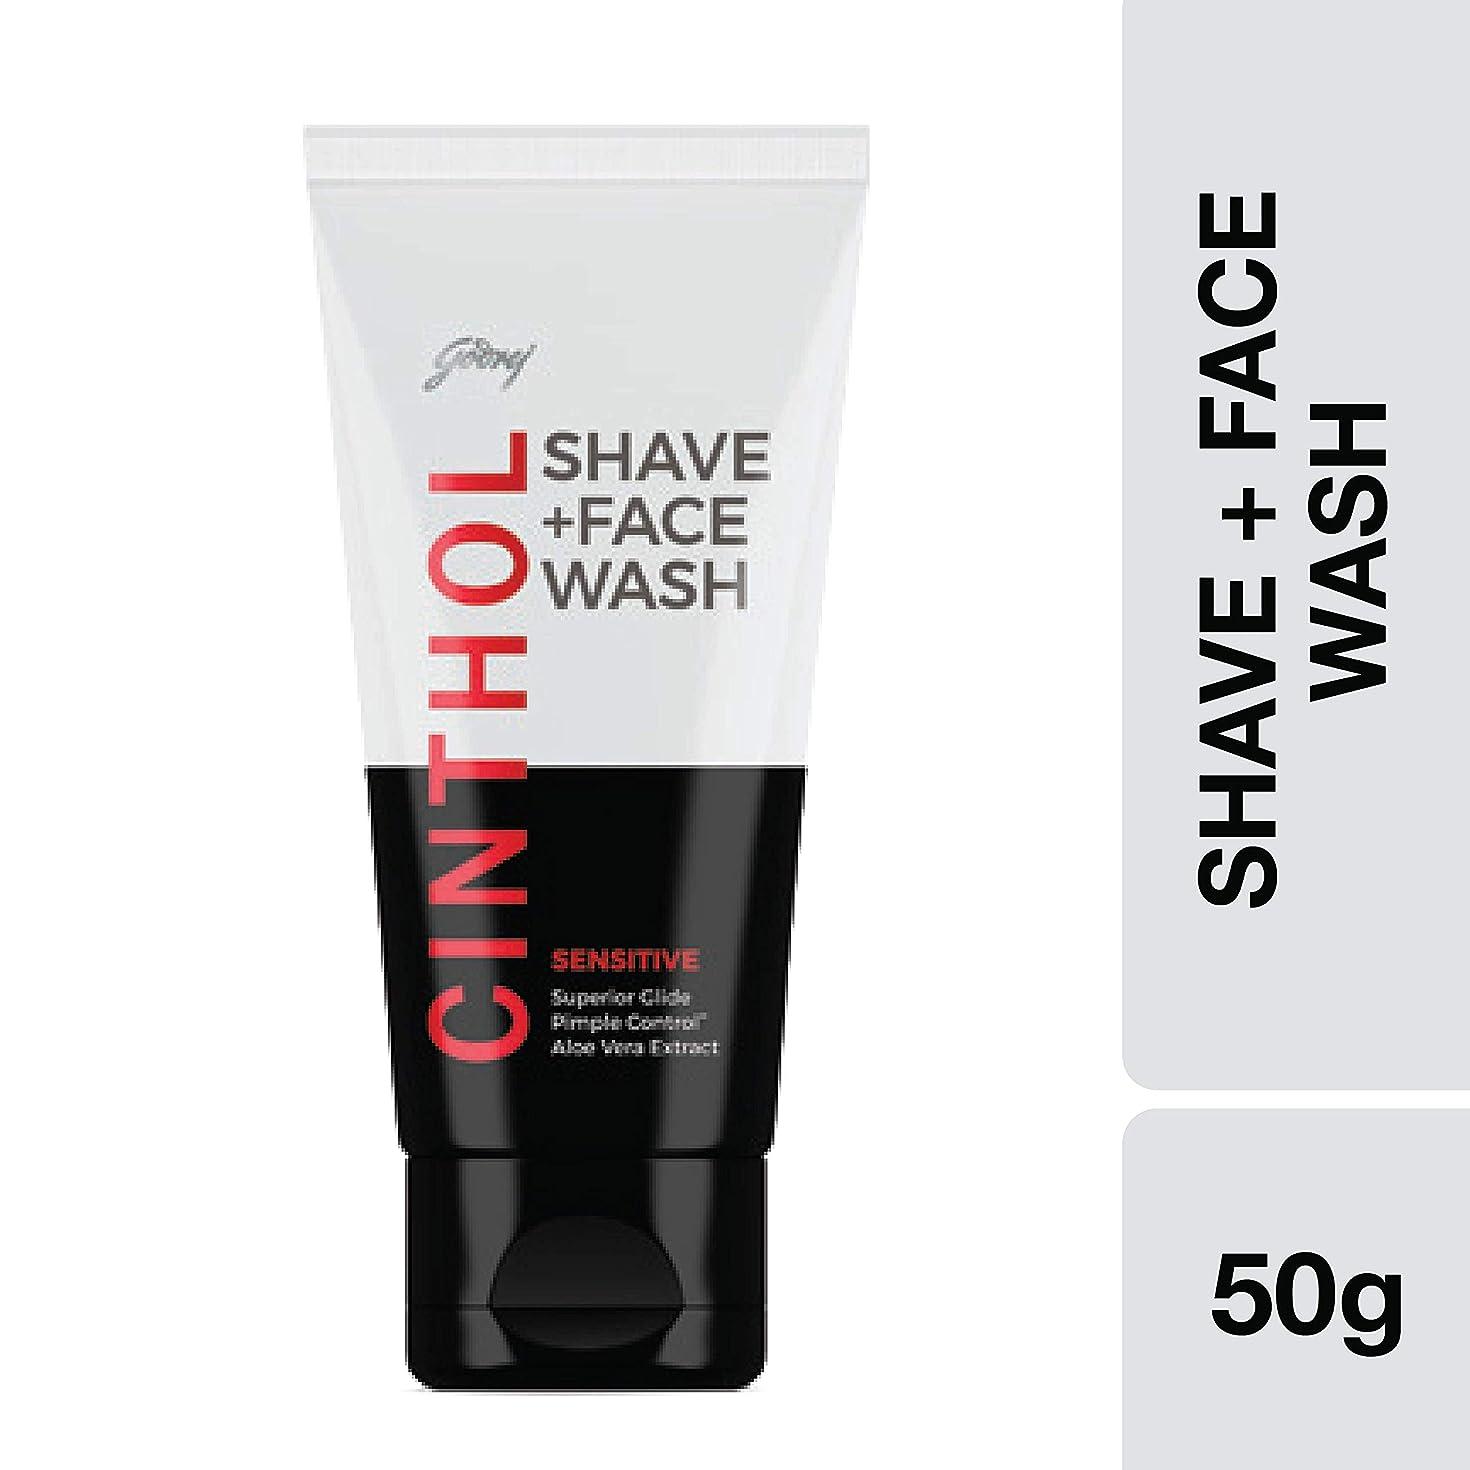 成熟した建築家しなやかCinthol Sensitive Shaving + Face Wash, 50g